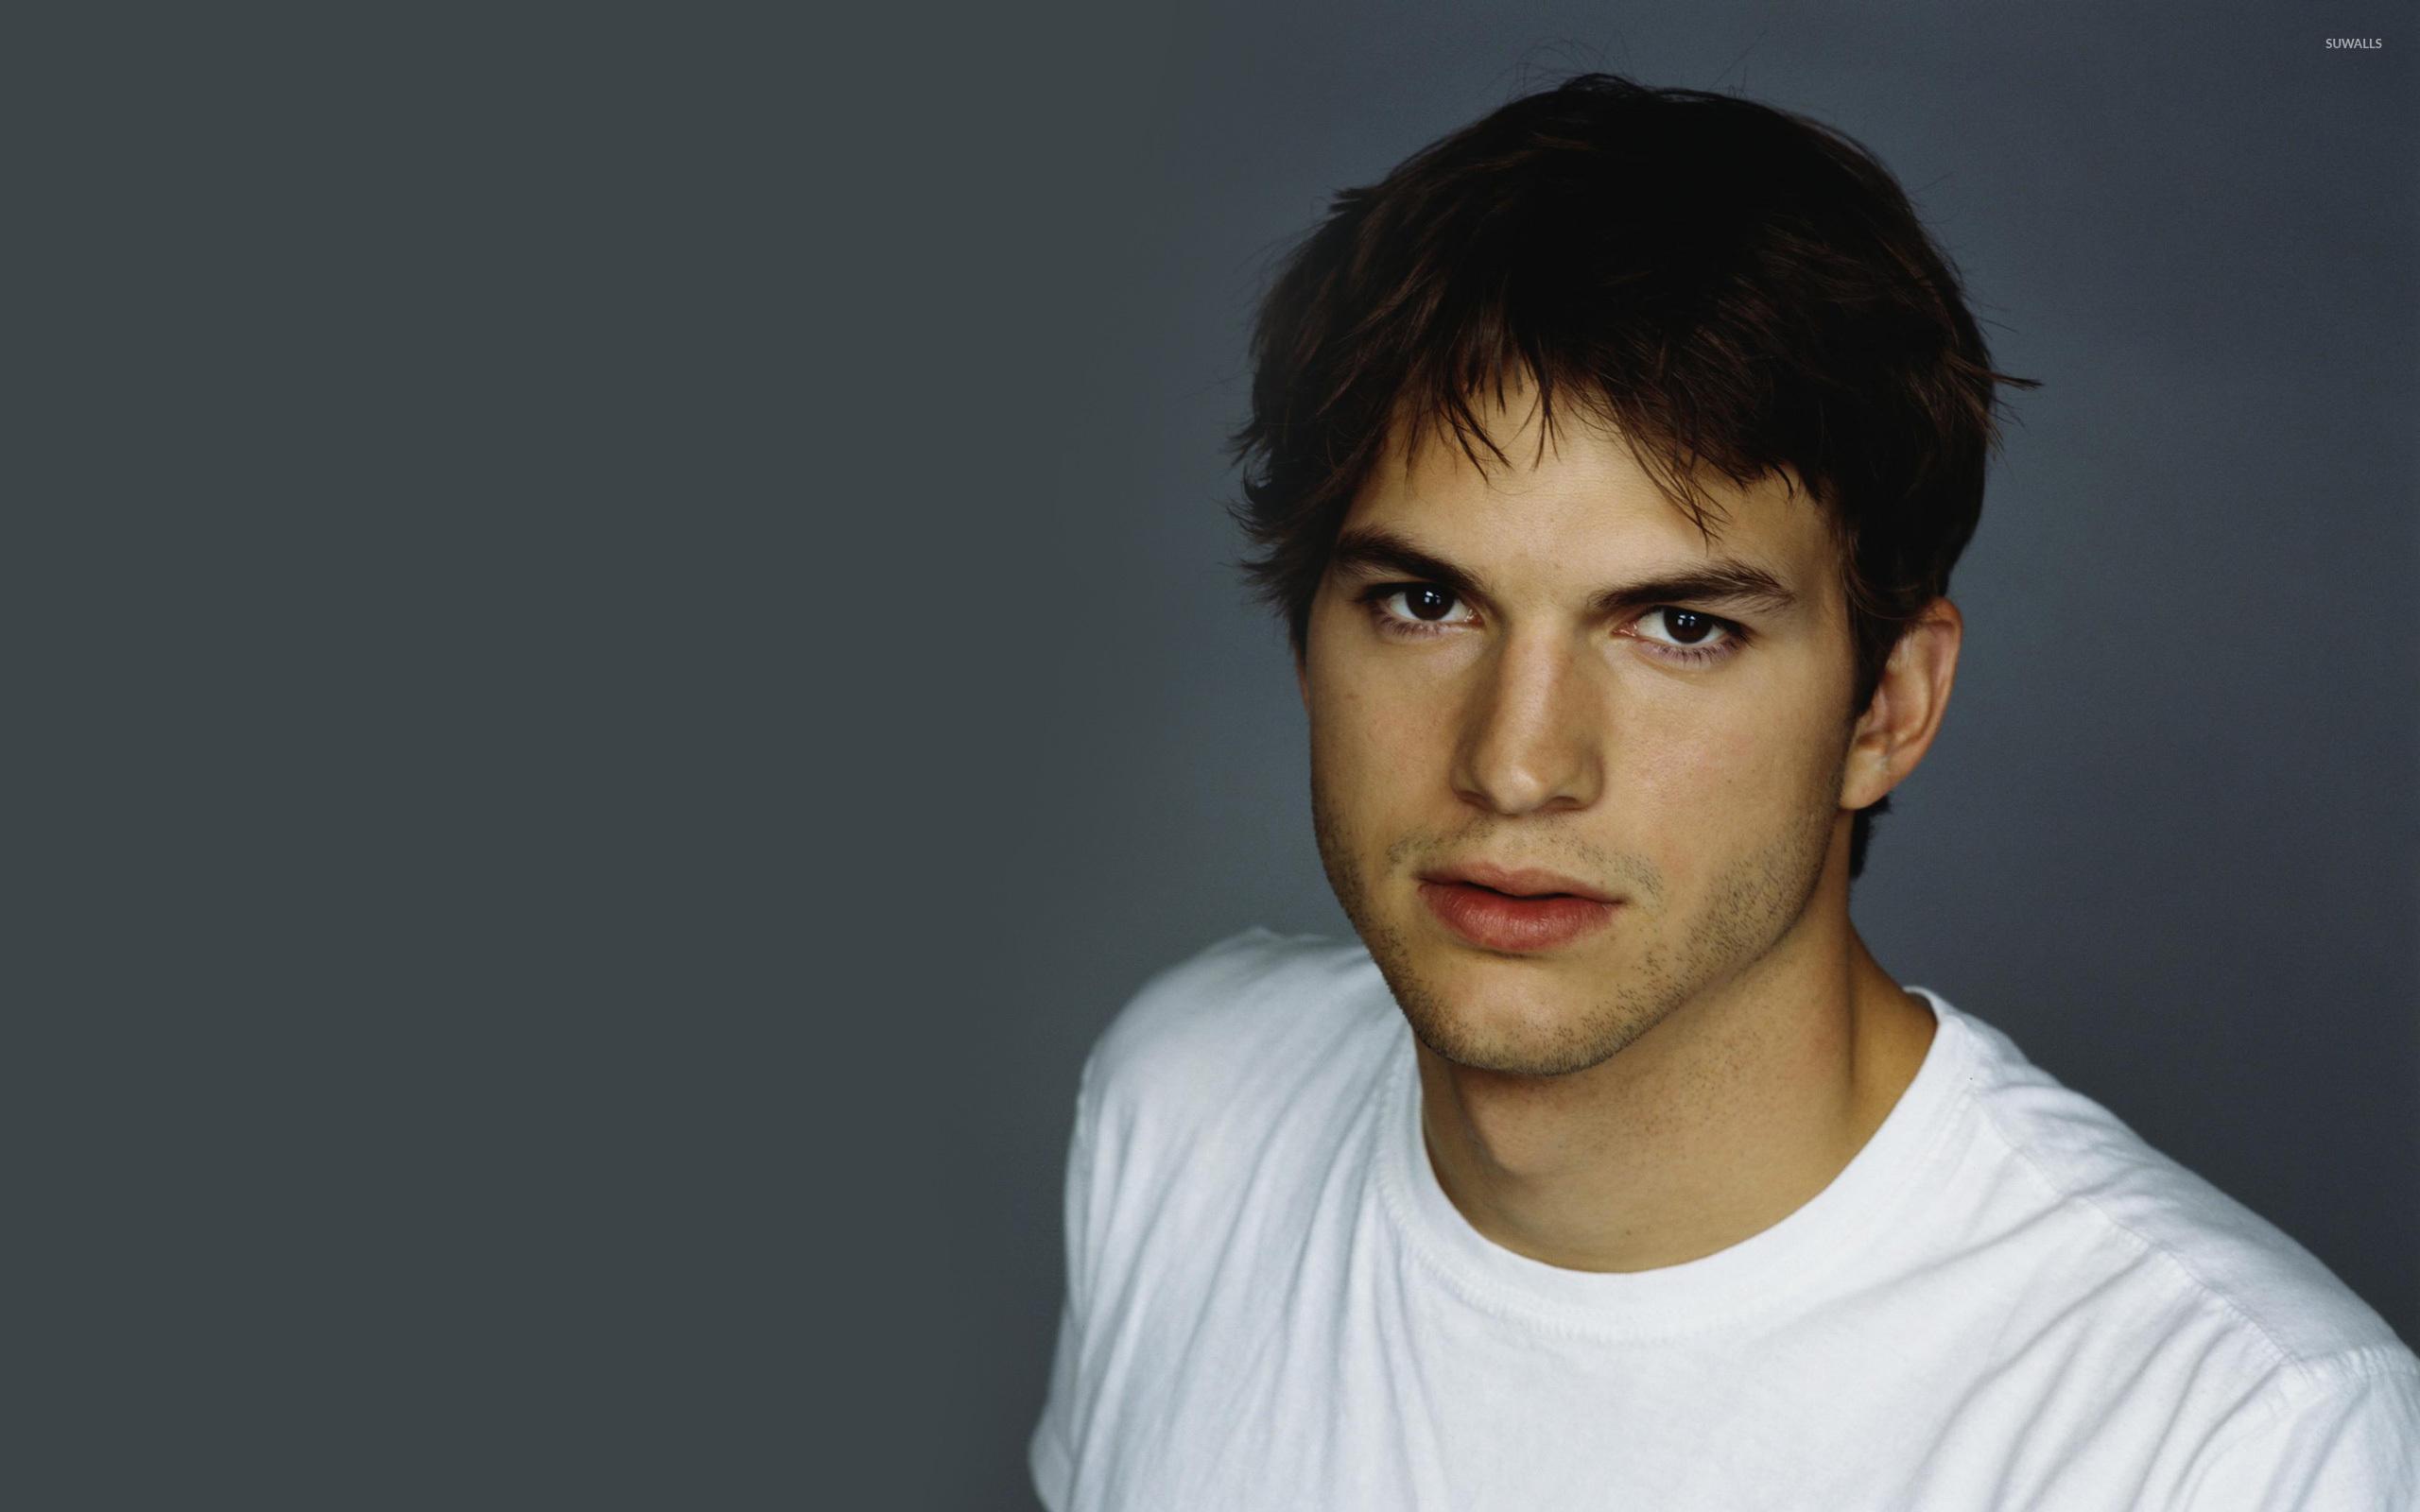 Ashton Kutcher Wallpapers 29 WallpapersExpert Journal 2560x1600